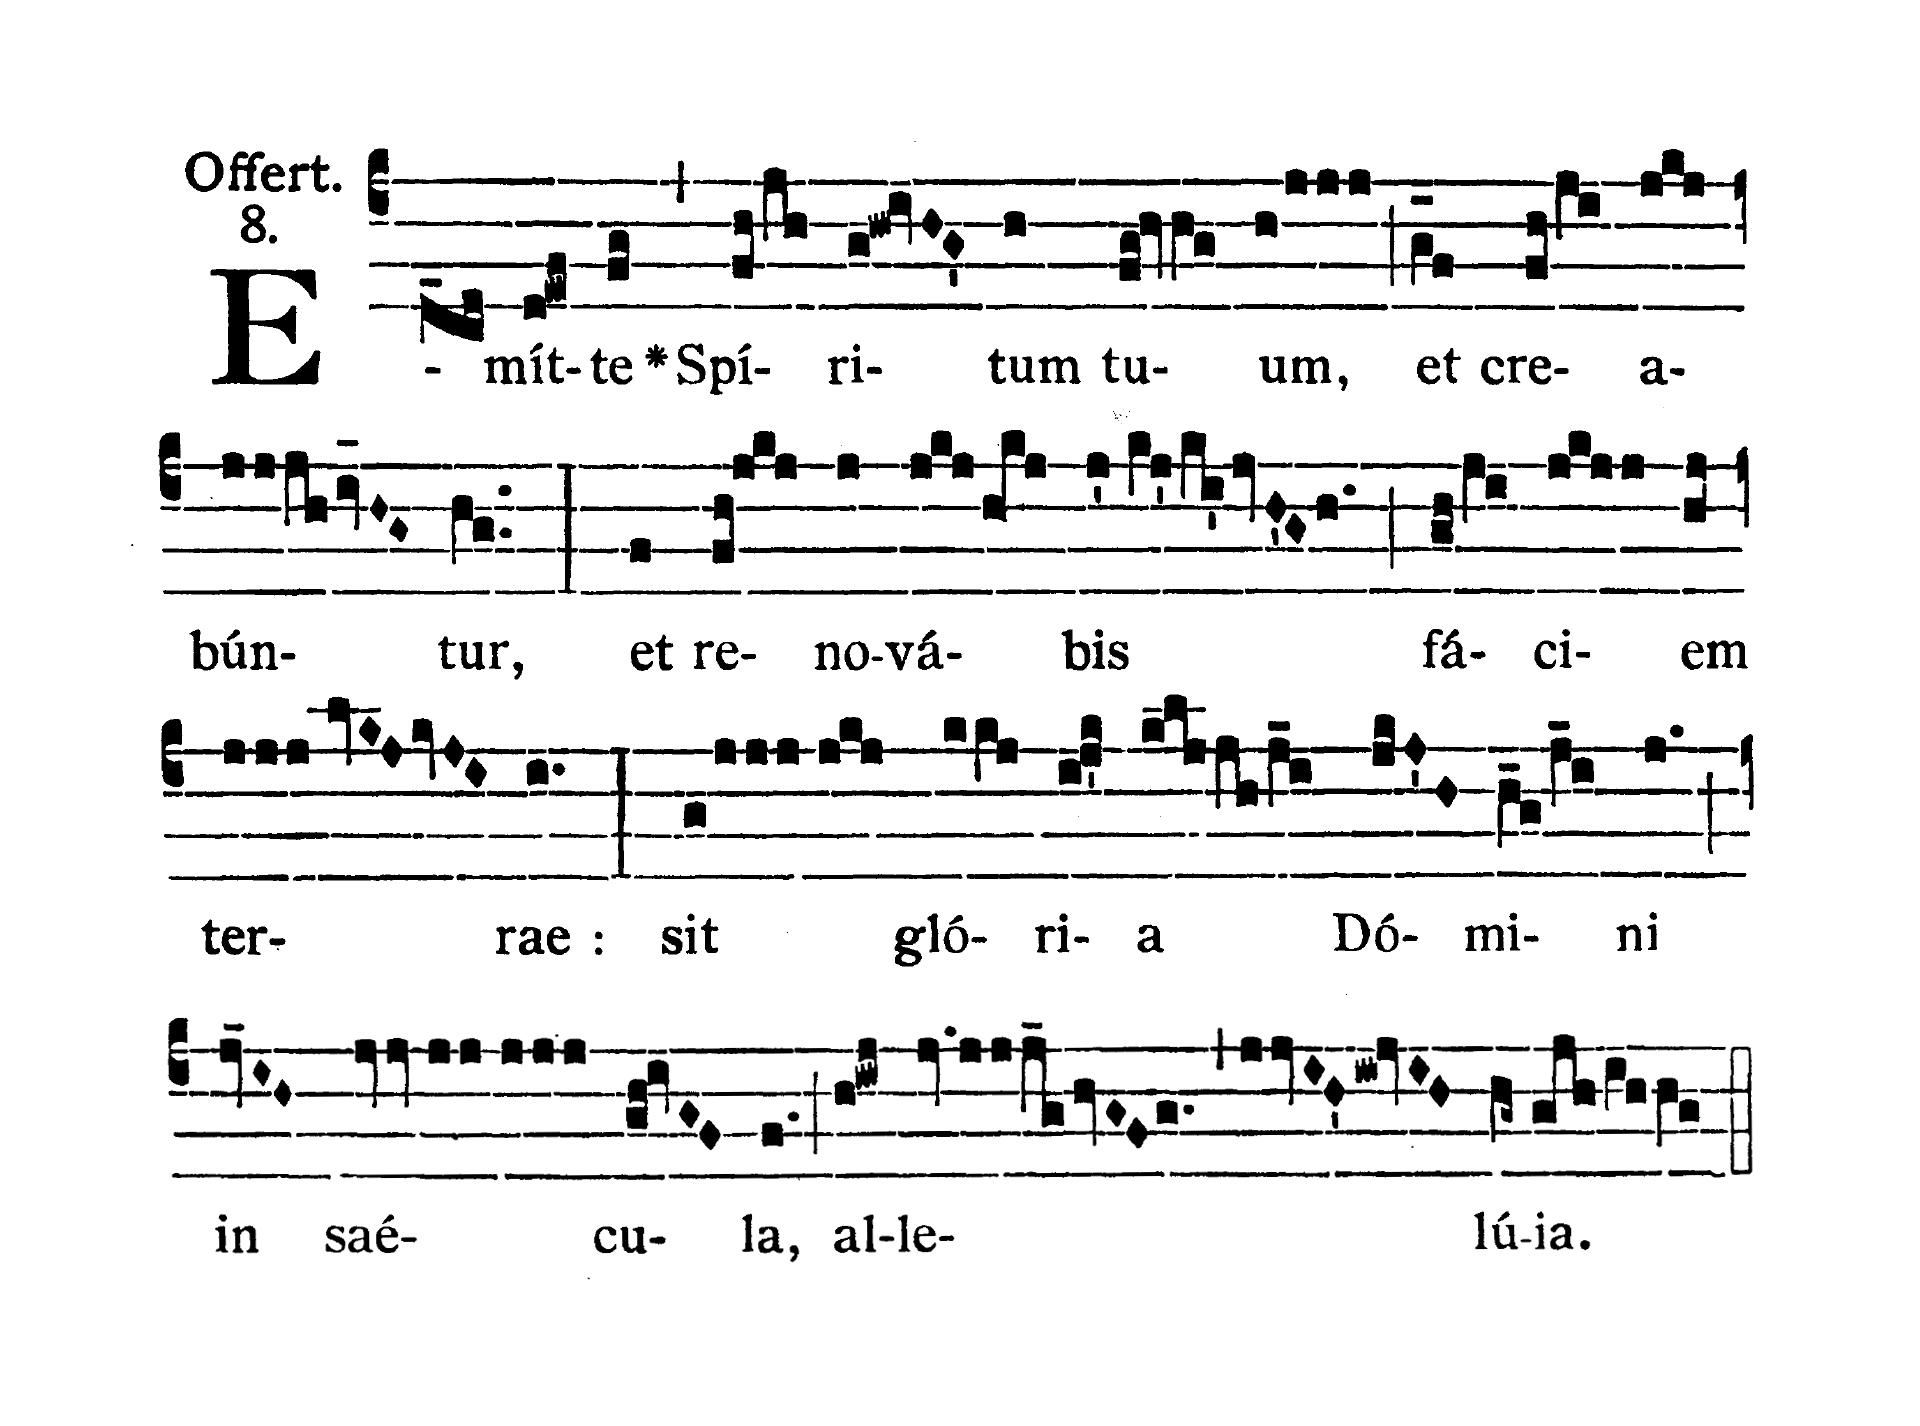 In Vigilia Pentecostes (Wigilia Zesłania Ducha Świętego) - Offertorium (Emitte Spiritum tuum)